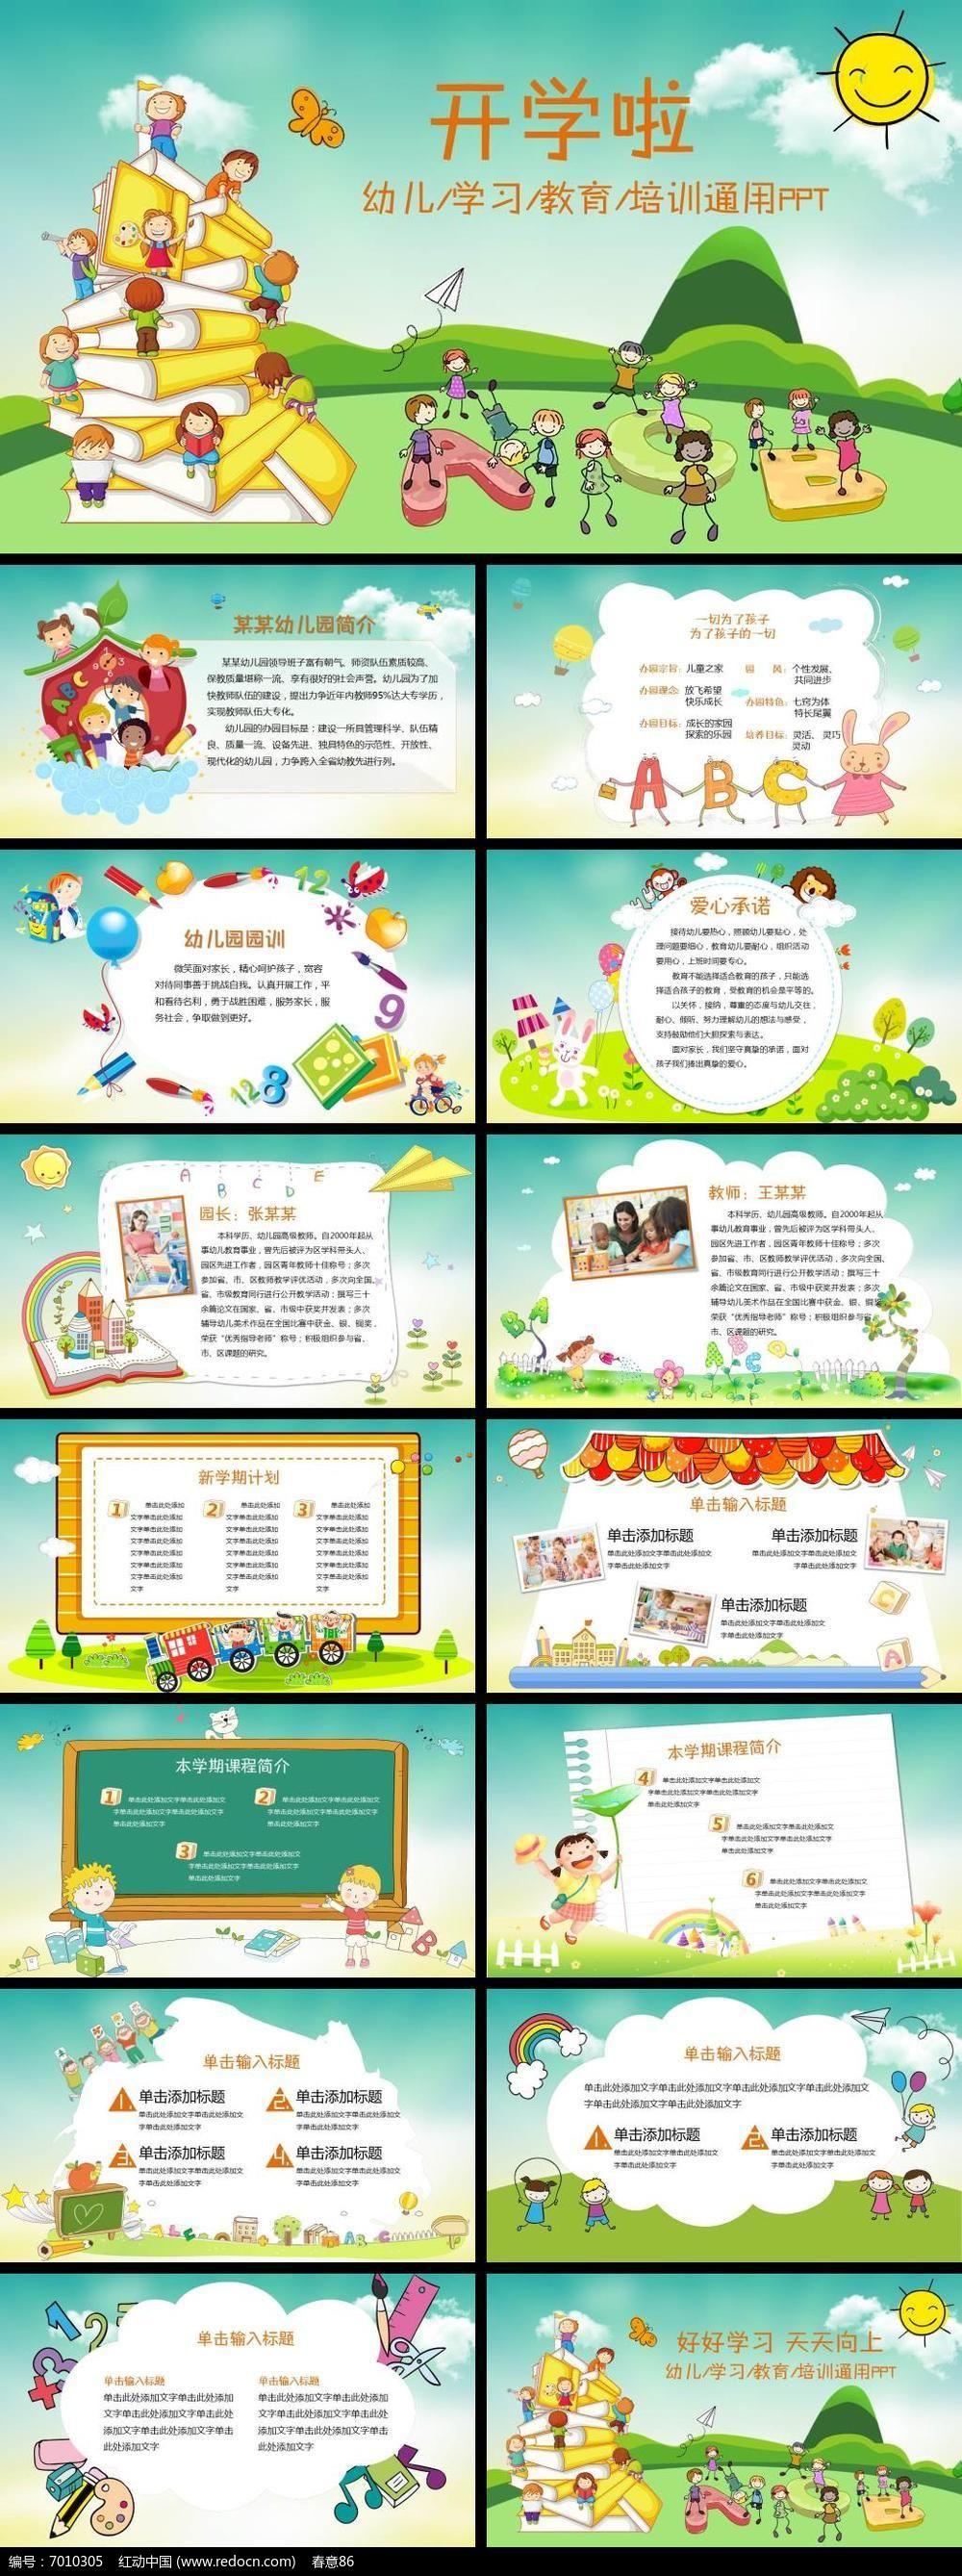 小学幼儿园开学季ppt模板pptx素材下载